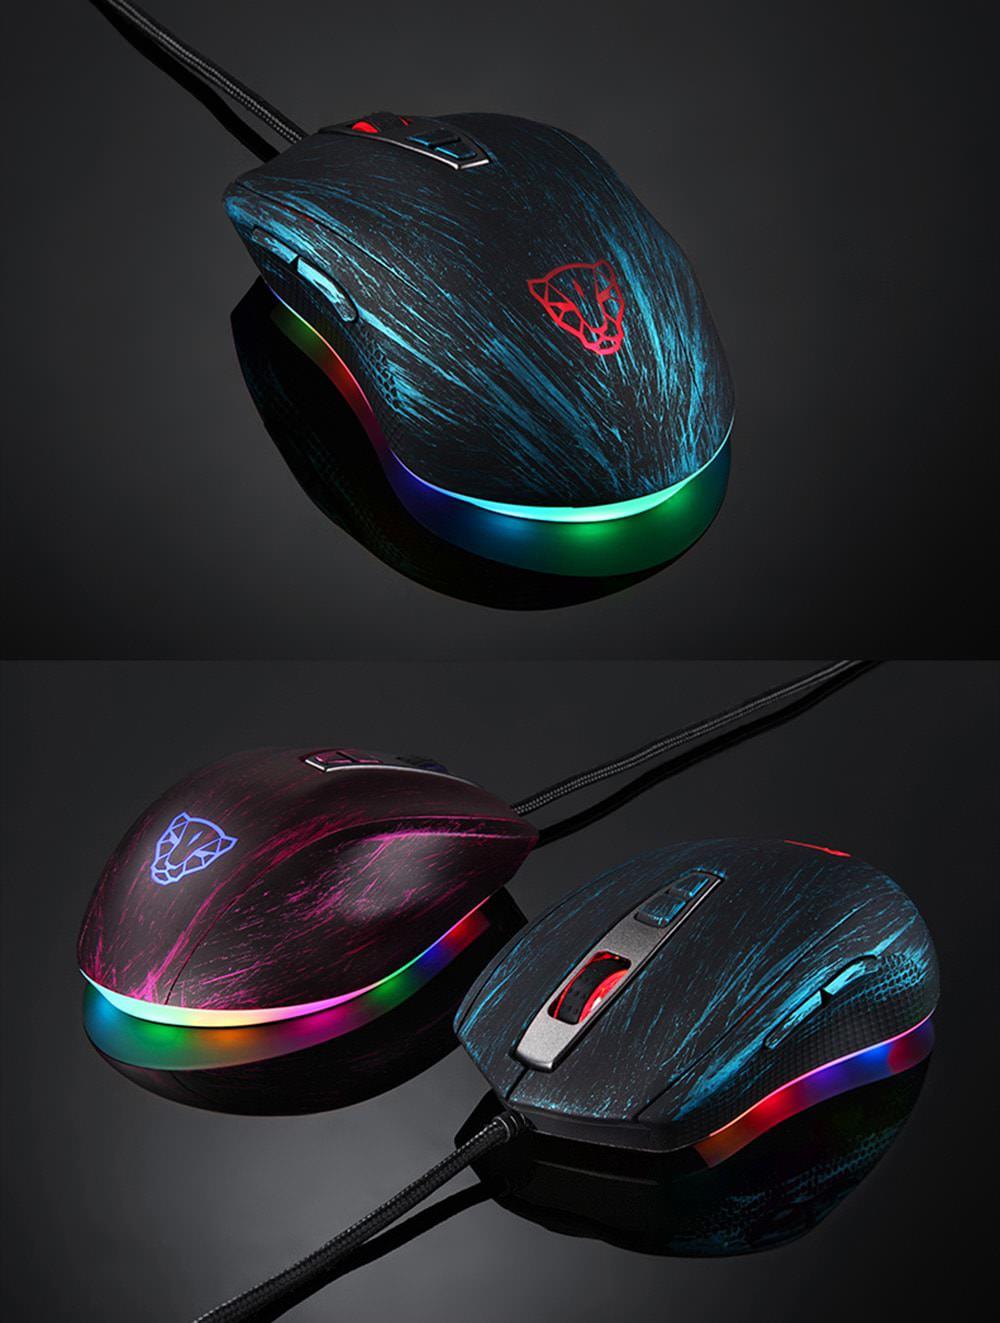 Motospeed V60 ratón para juegos - vence a los rivales en los juegos Motospeed-V60-11